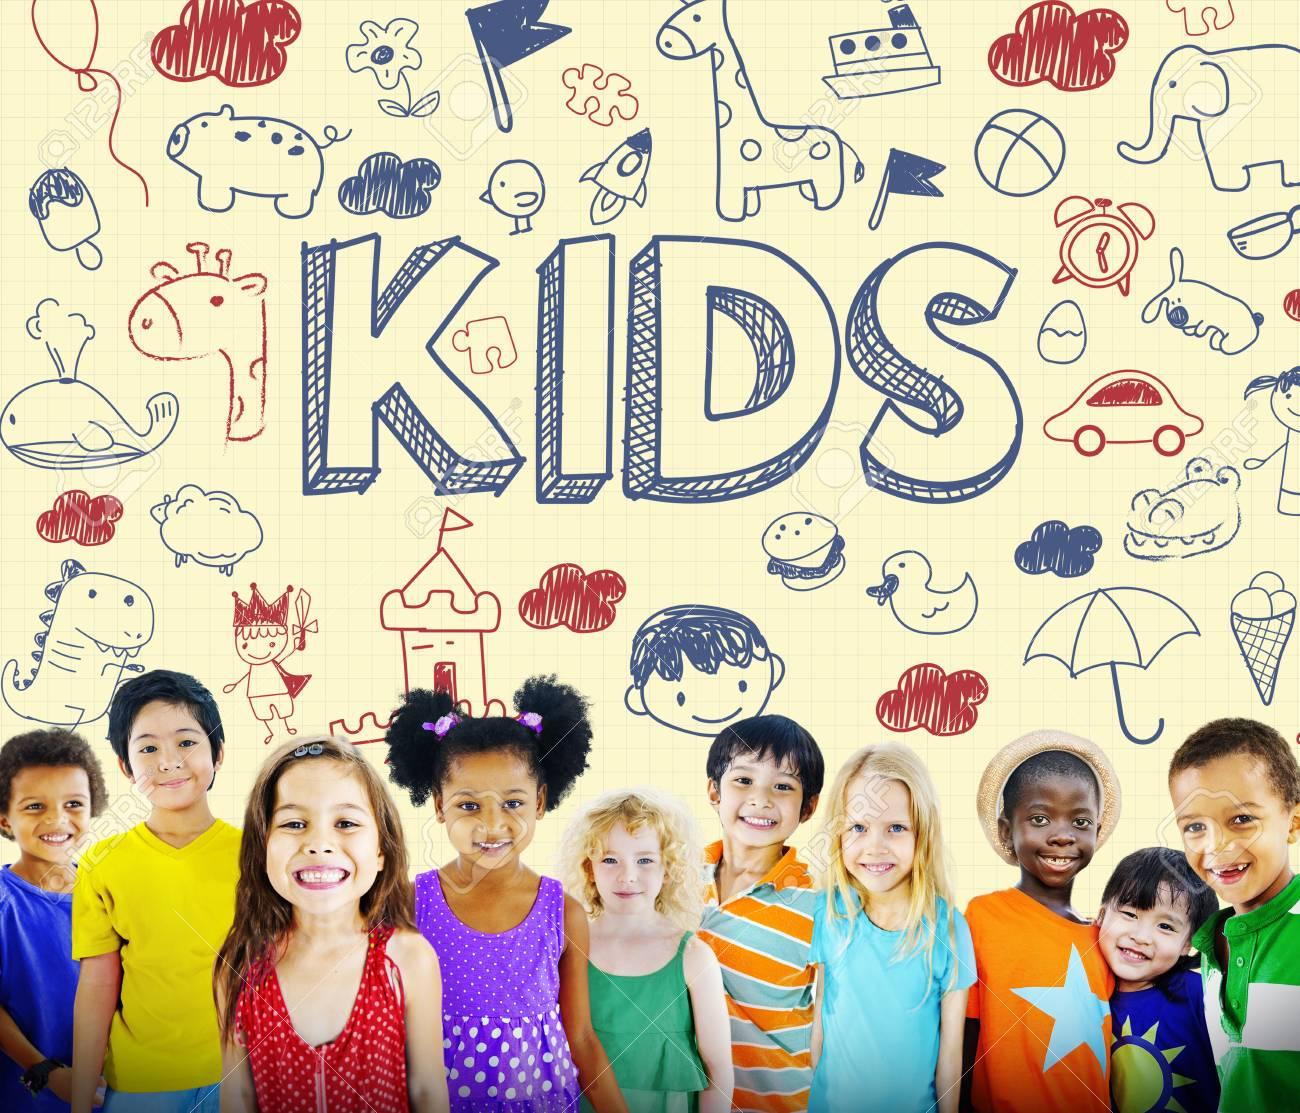 Kids Children Joy Happy Child Concept - 62036315